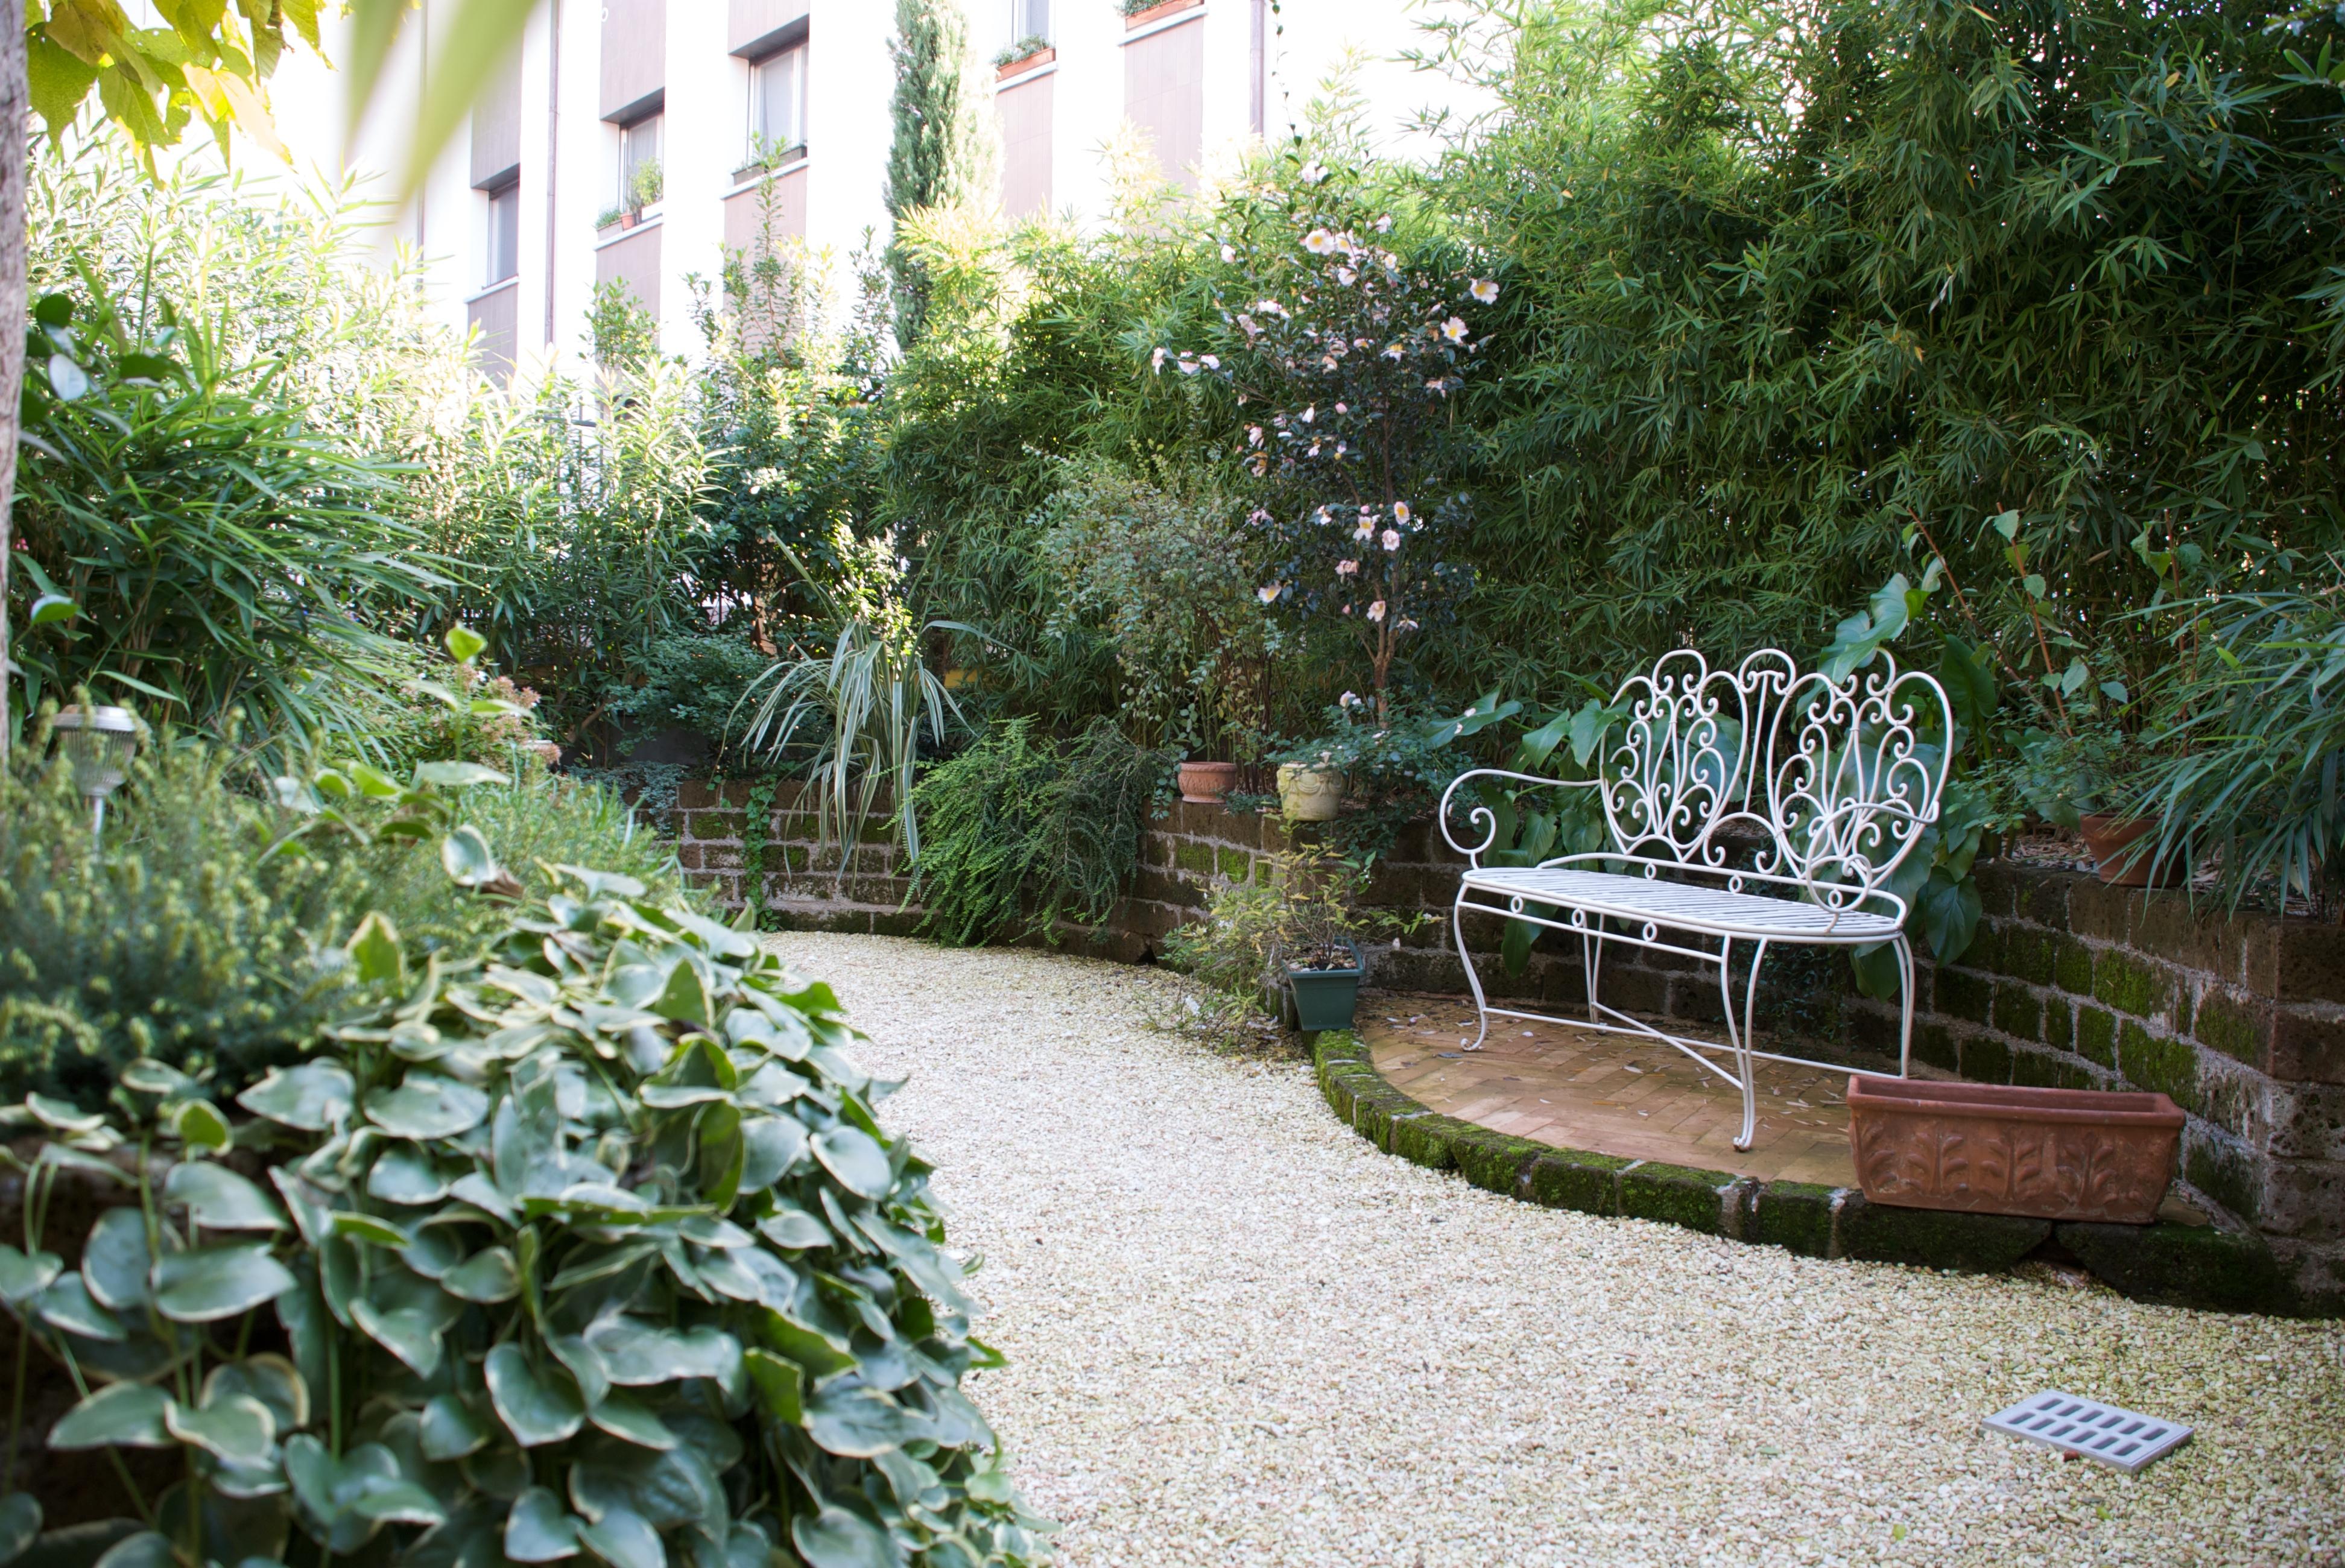 Manutenzione Giardini Milano E Provincia giardinieri milano - gallery fotografica | fratelli bonoldi